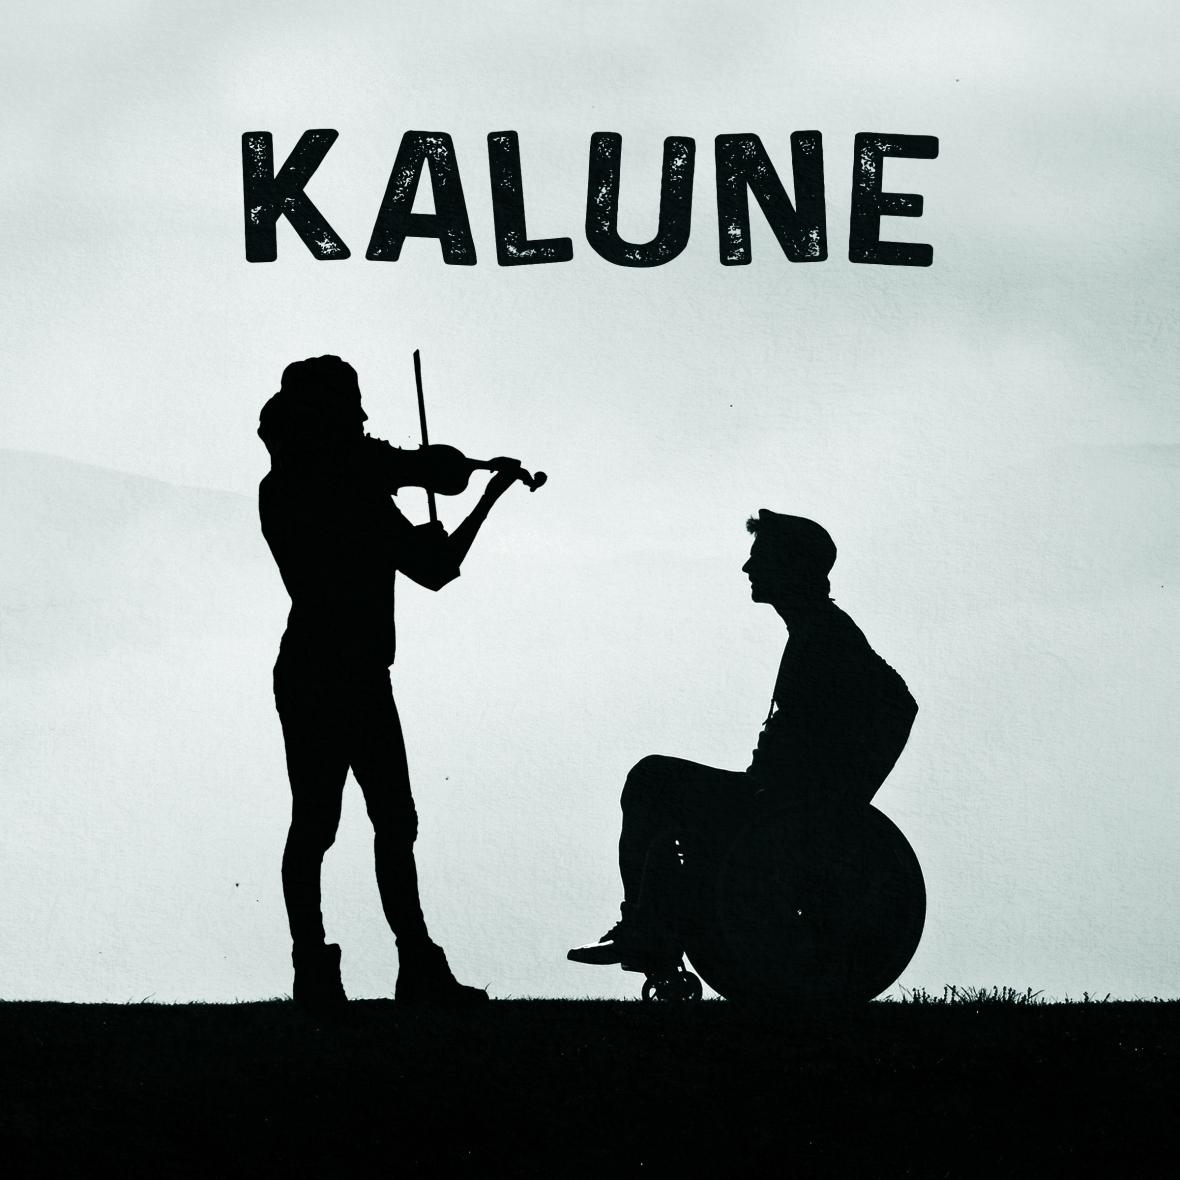 KALUNE - Lâcher prise (Car Paix Dit Aime)